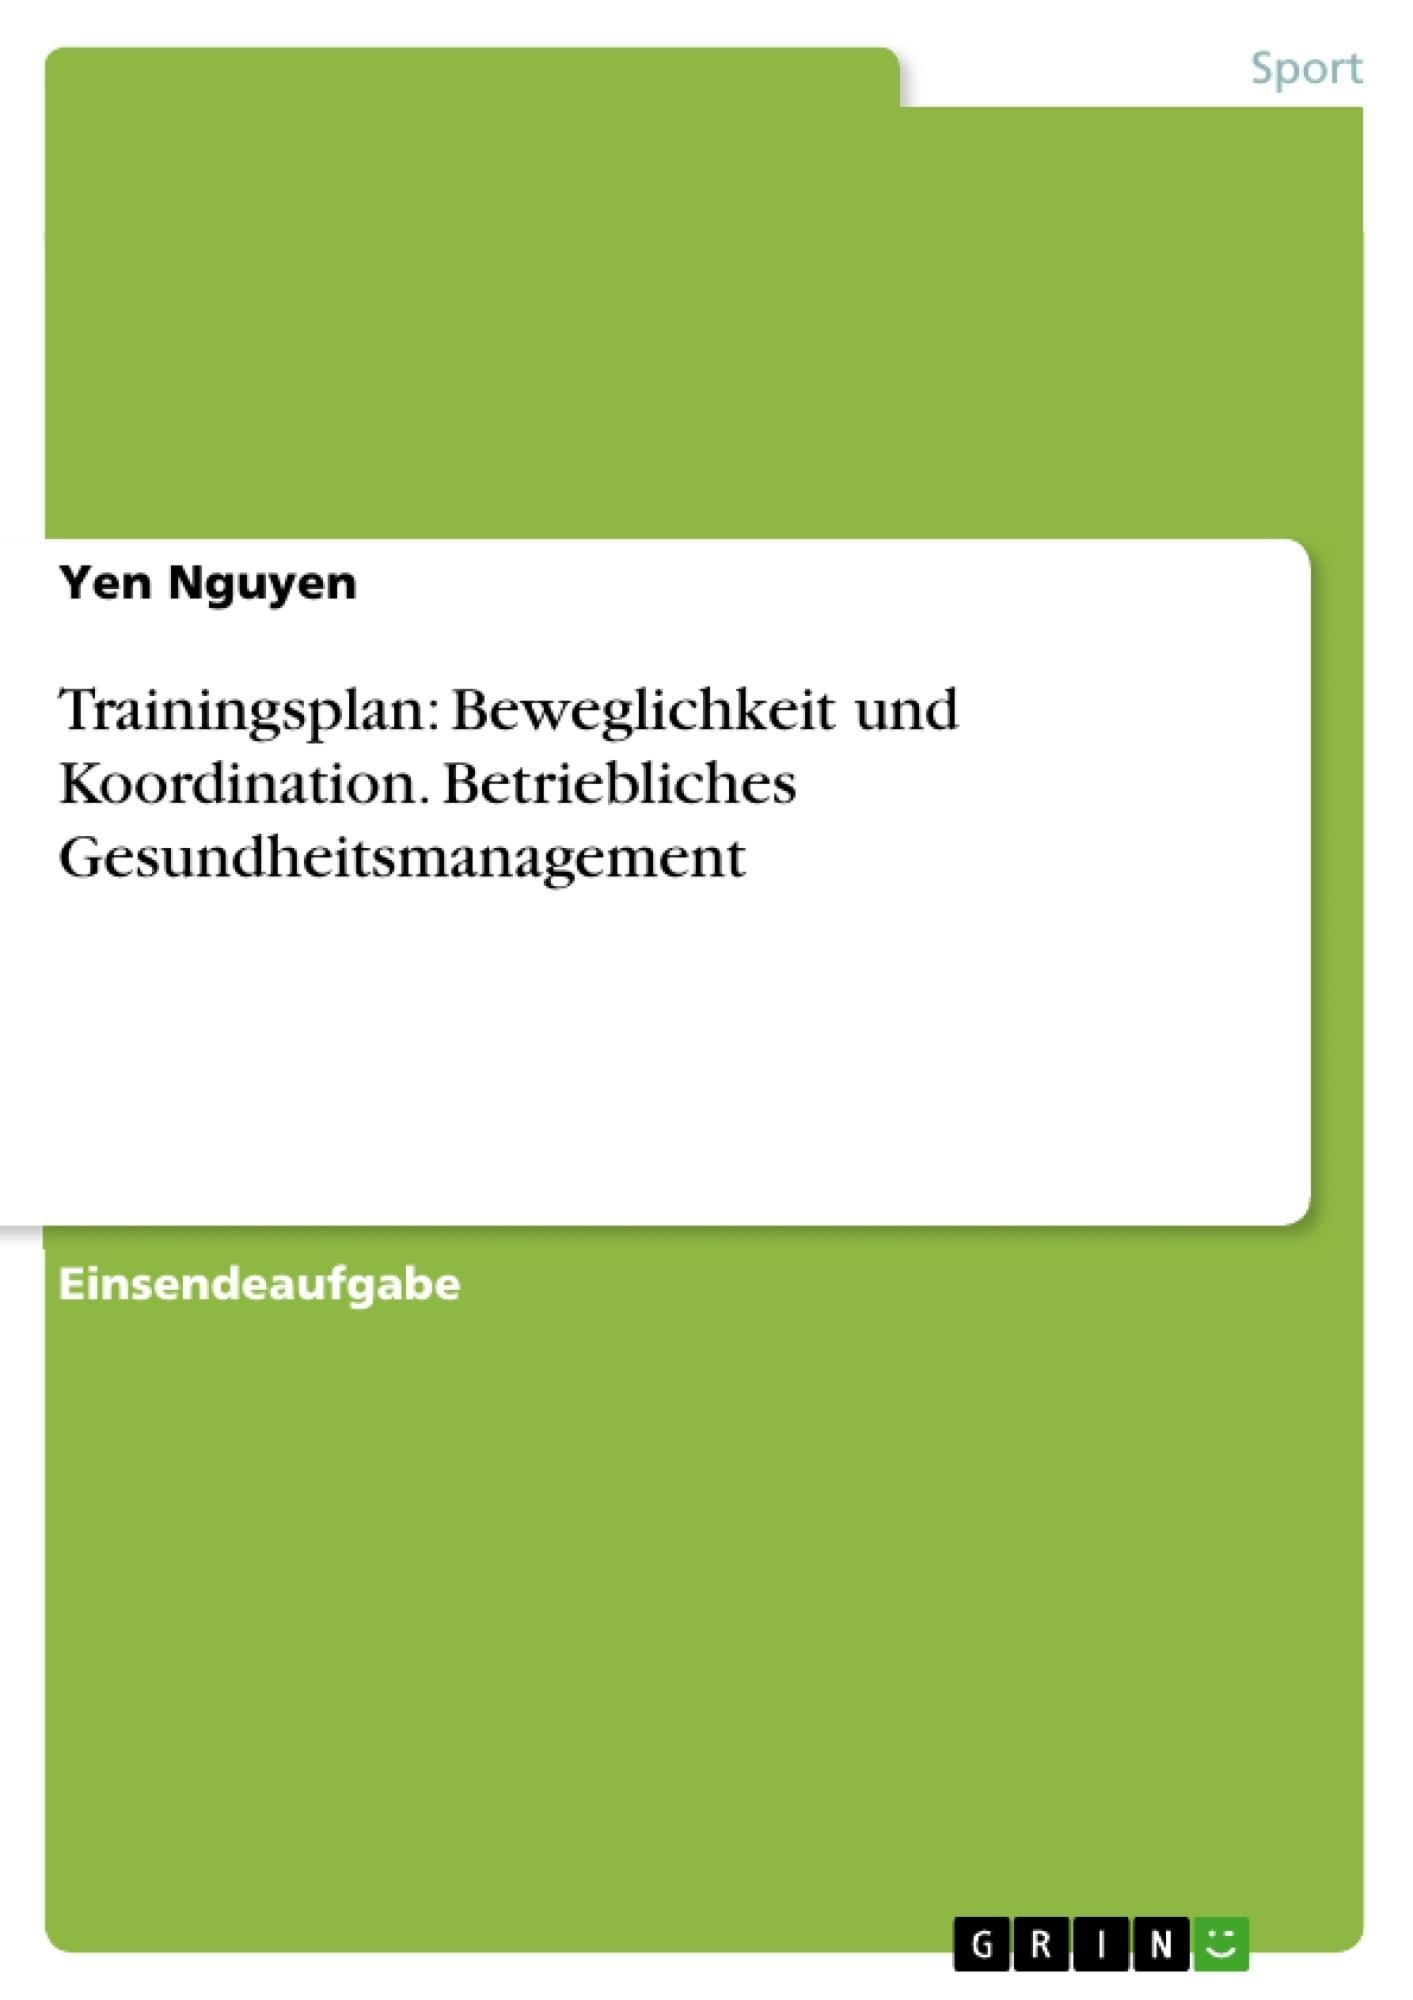 Titel: Trainingsplan: Beweglichkeit und Koordination. Betriebliches Gesundheitsmanagement